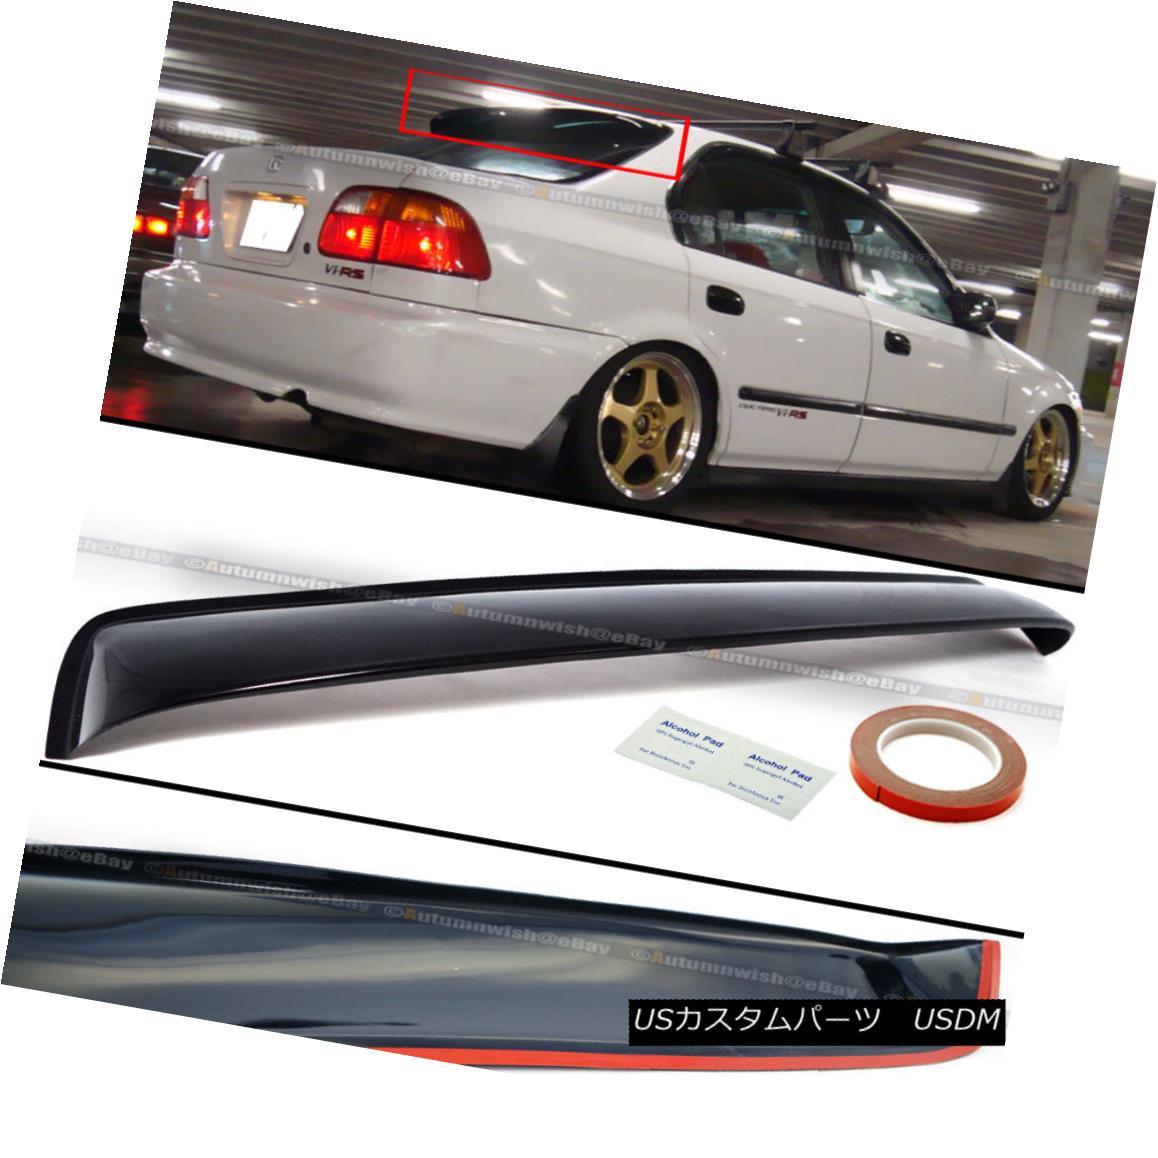 エアロパーツ For 96-98 Civic 4DR Sedan Black Tinted Rear Roof Window Shade Visor Spoiler 96-98シビック4DRセダンブラックティンテッドリアルーフウィンドウシェードバイザースポイラー